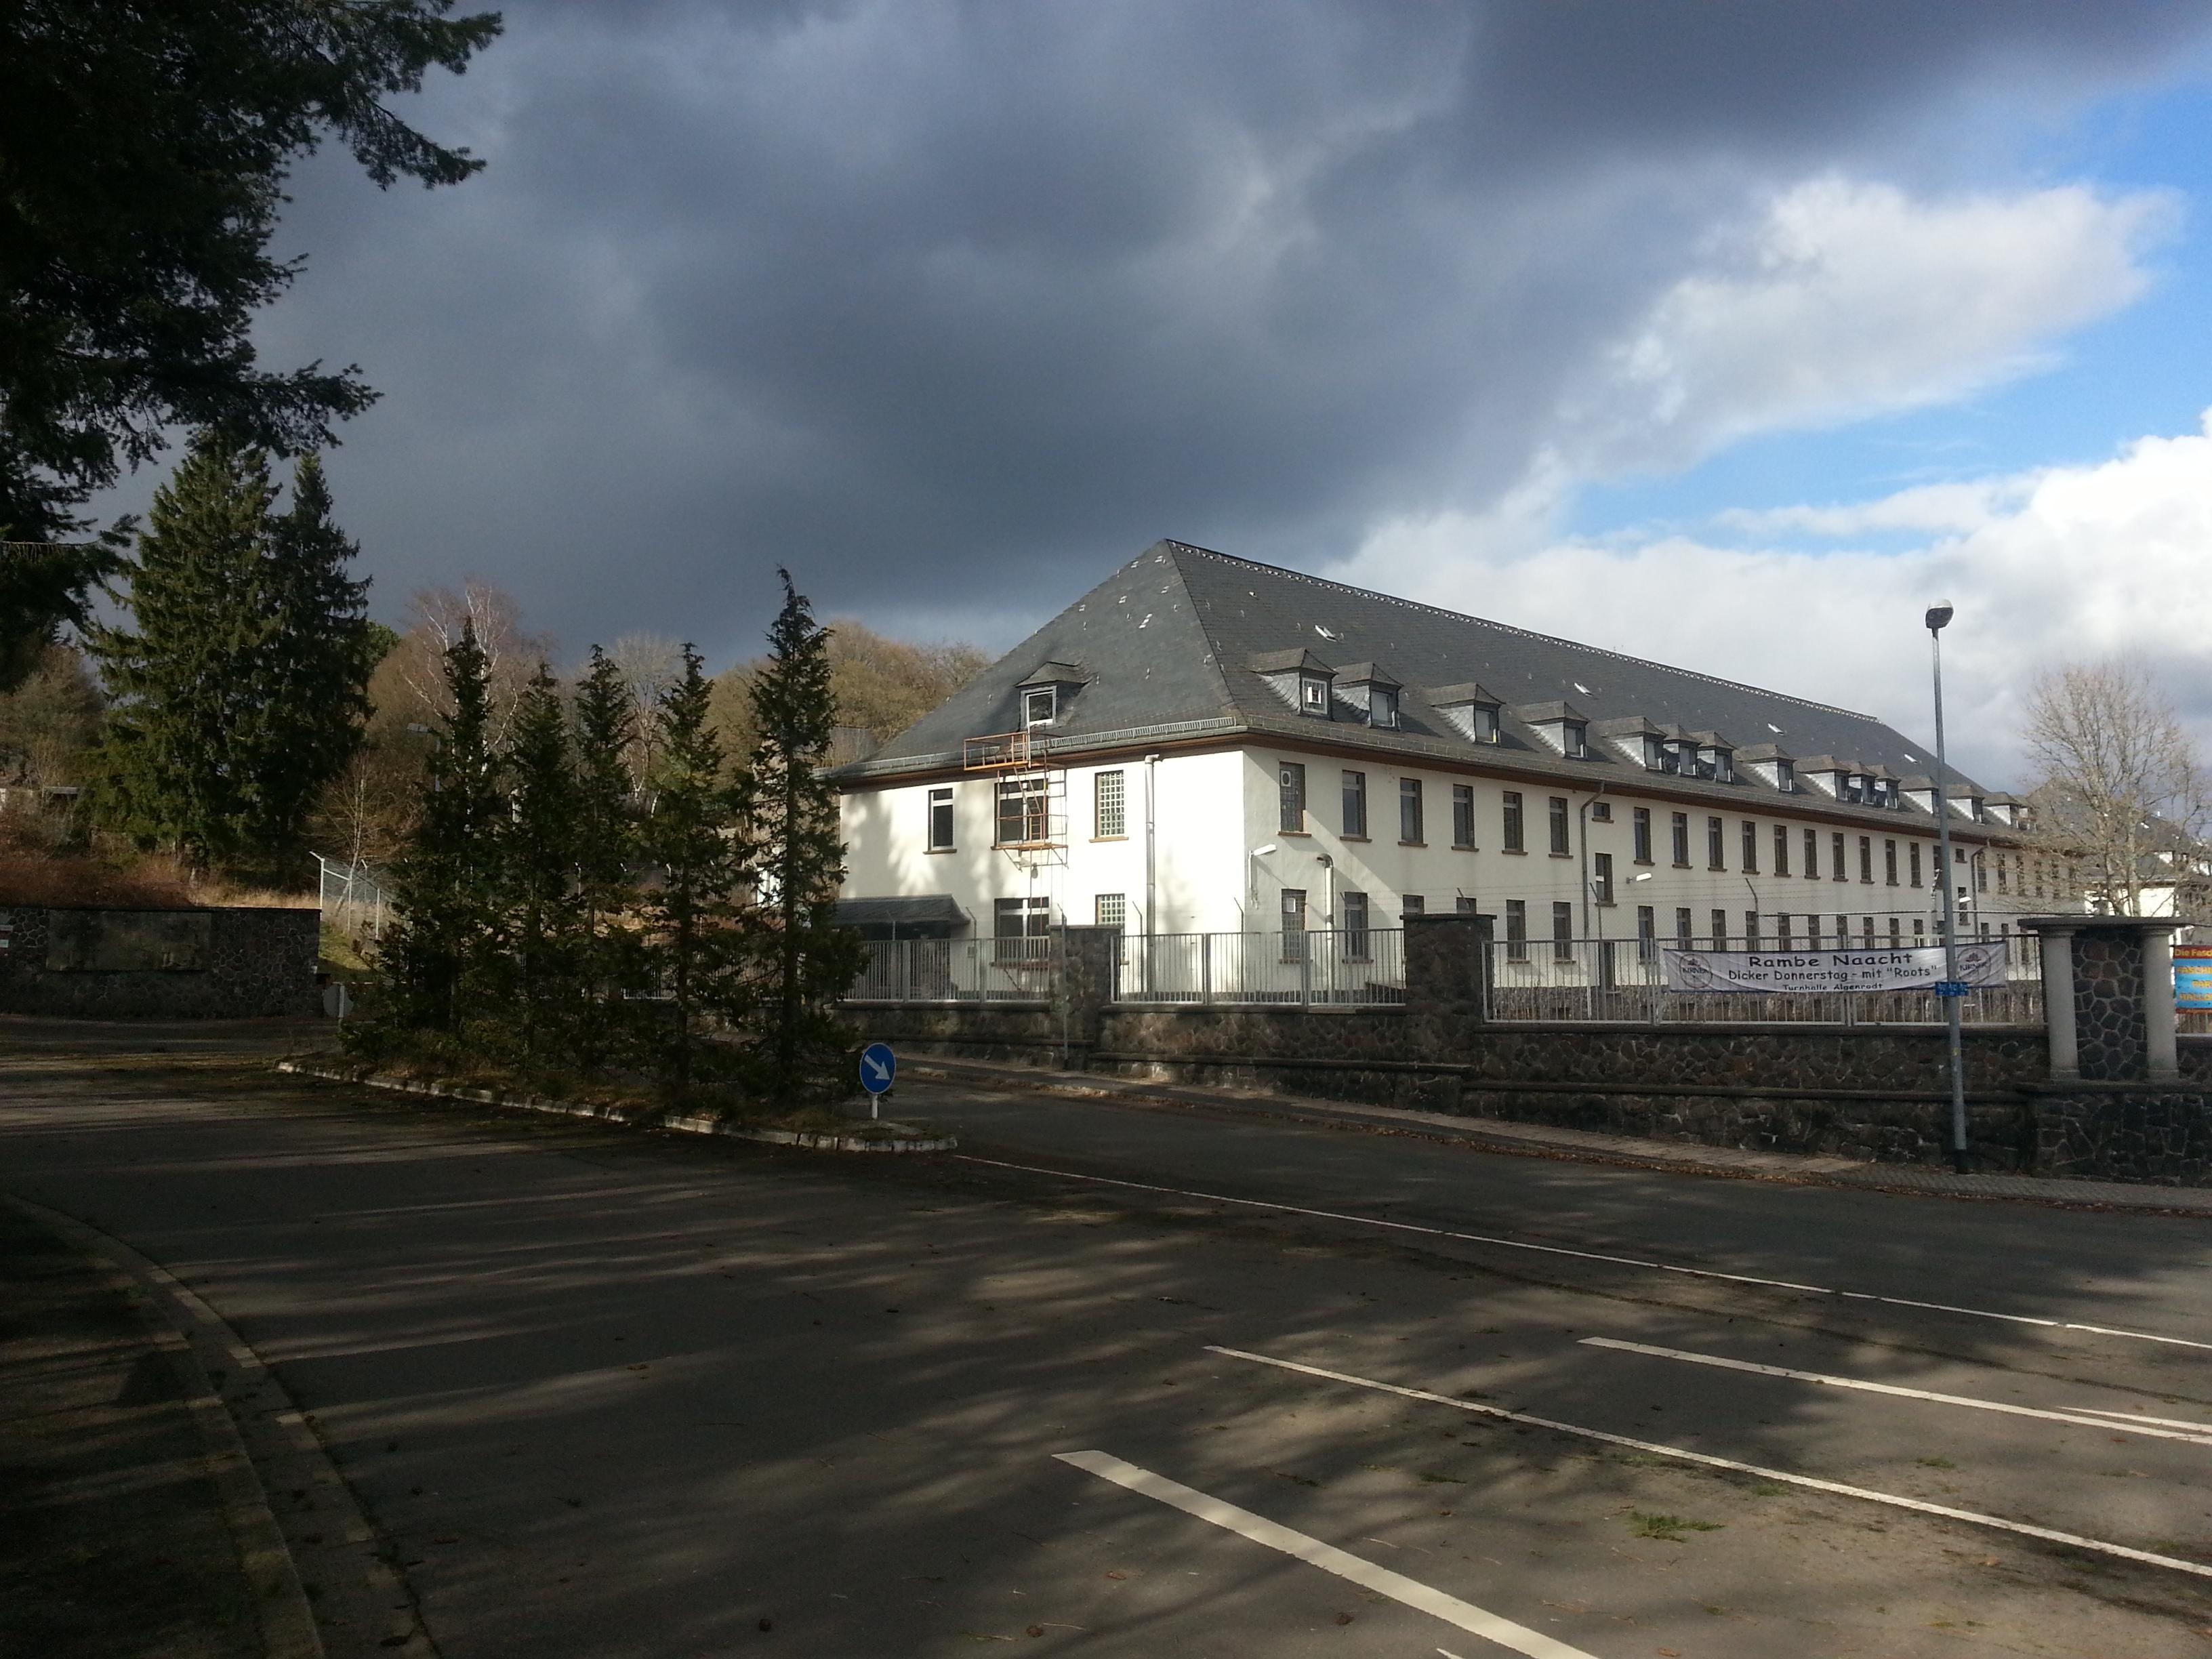 Schlampe Idar-Oberstein